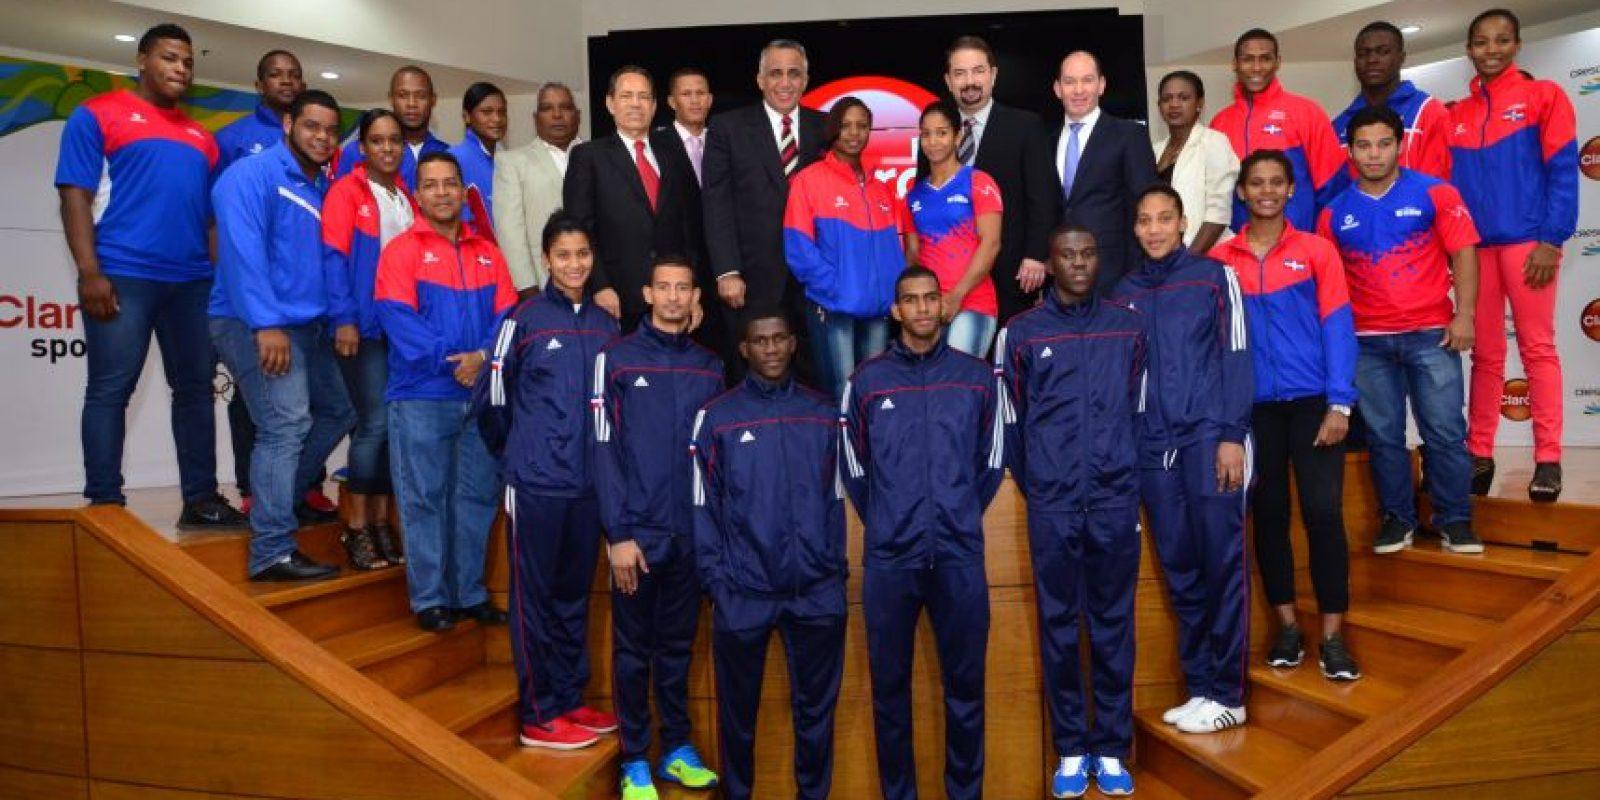 20 atletas, incluyendo cinco clasificados a Río 2016, dijeron presente en la actividad. Foto:Fuente externa